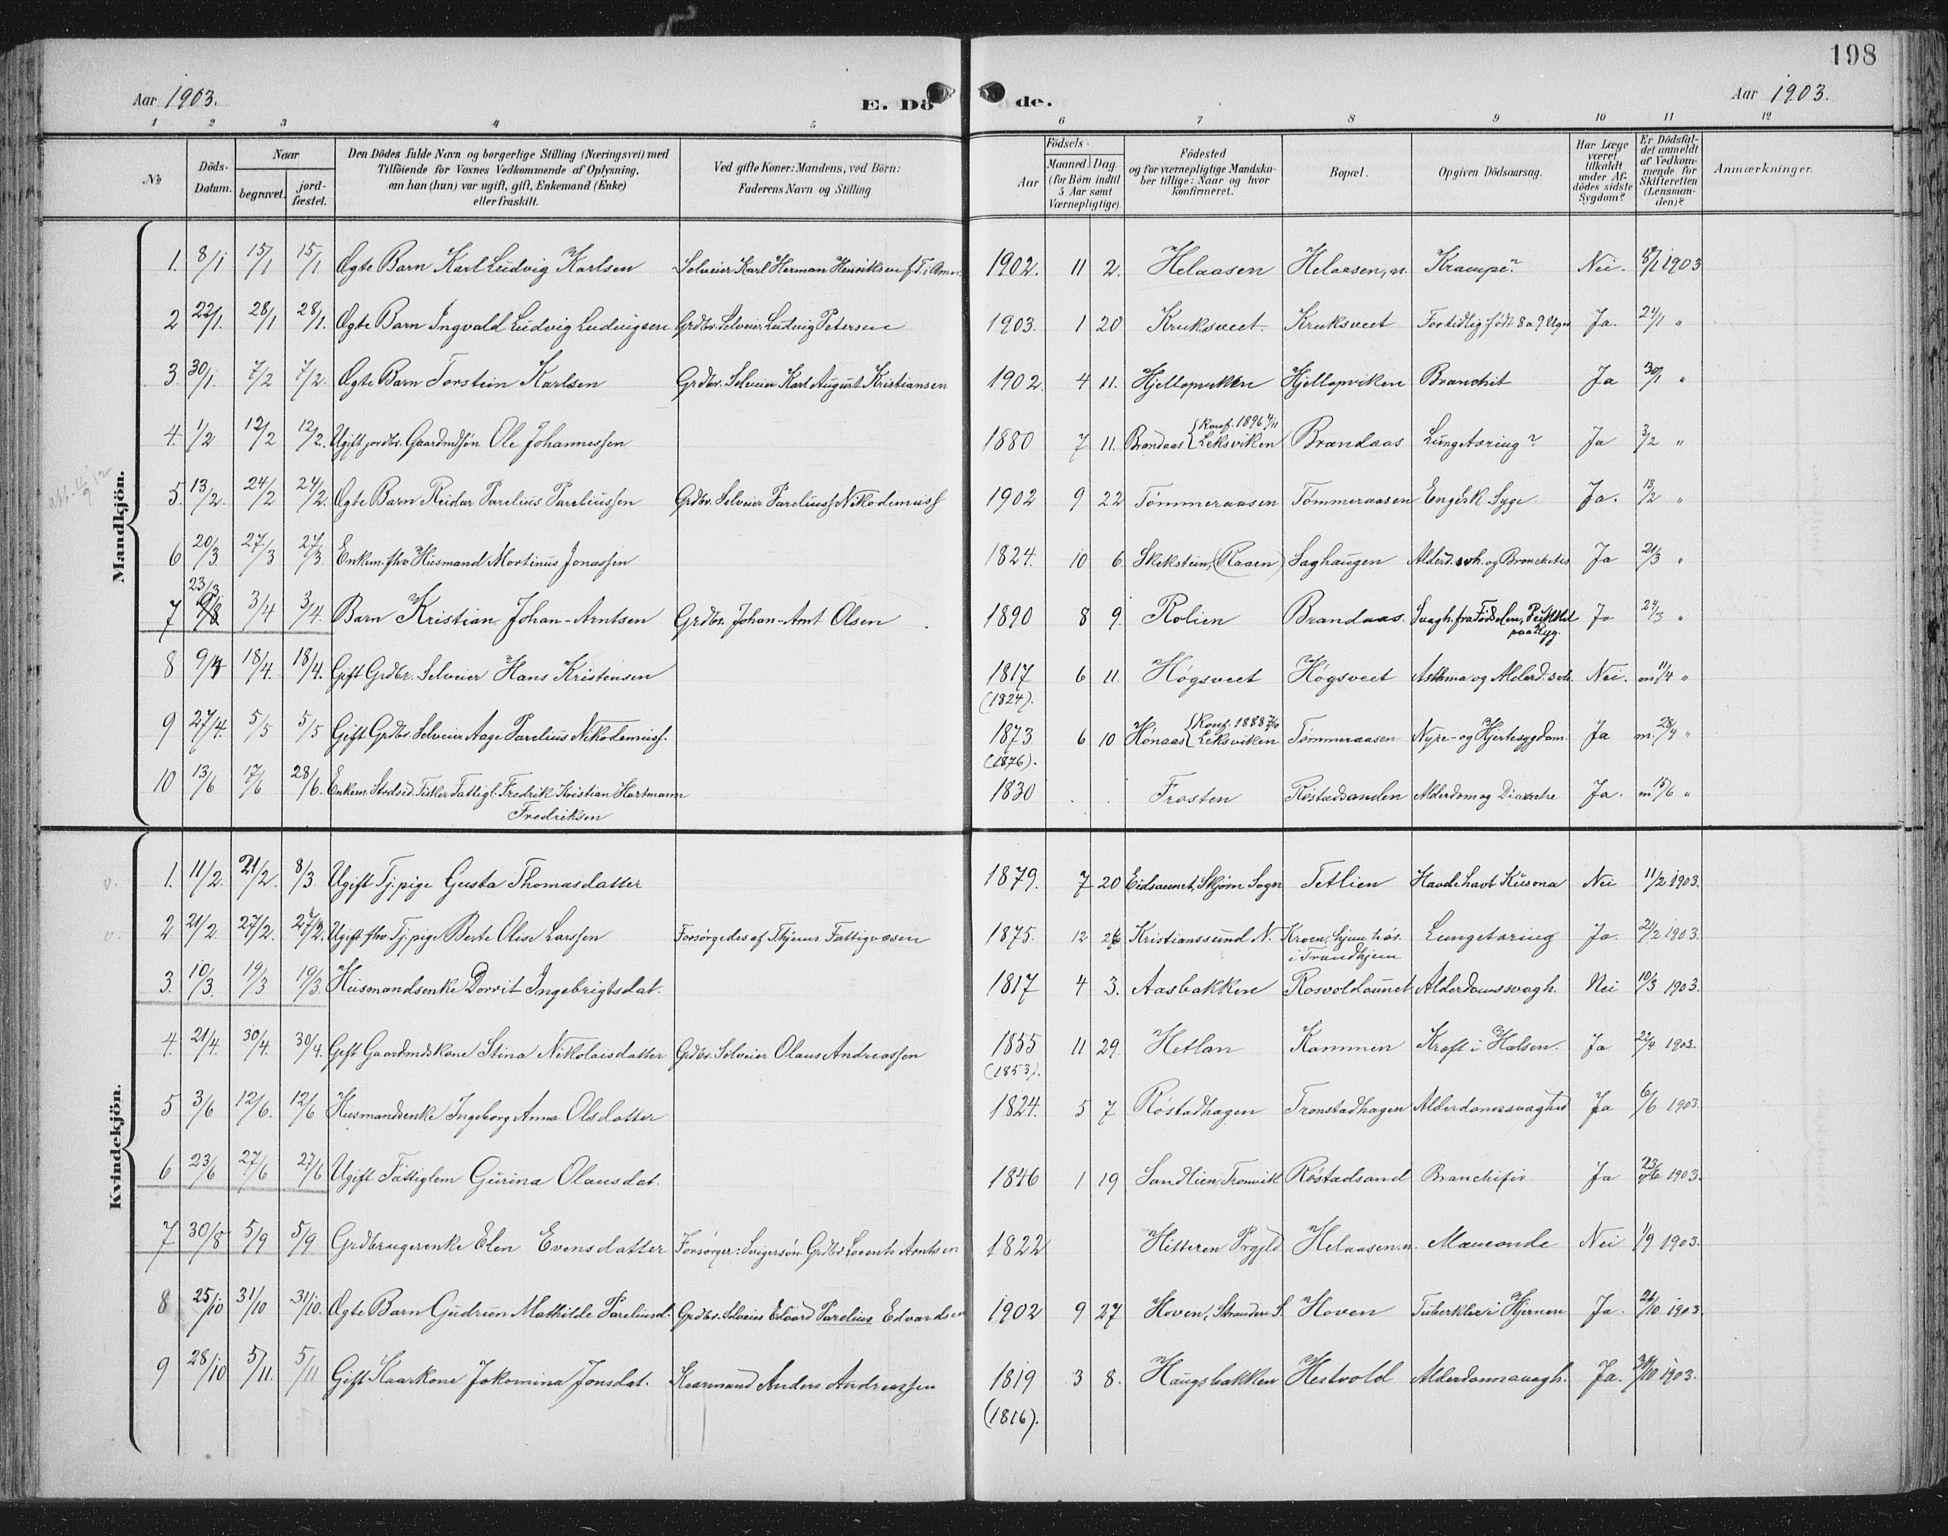 SAT, Ministerialprotokoller, klokkerbøker og fødselsregistre - Nord-Trøndelag, 701/L0011: Ministerialbok nr. 701A11, 1899-1915, s. 198